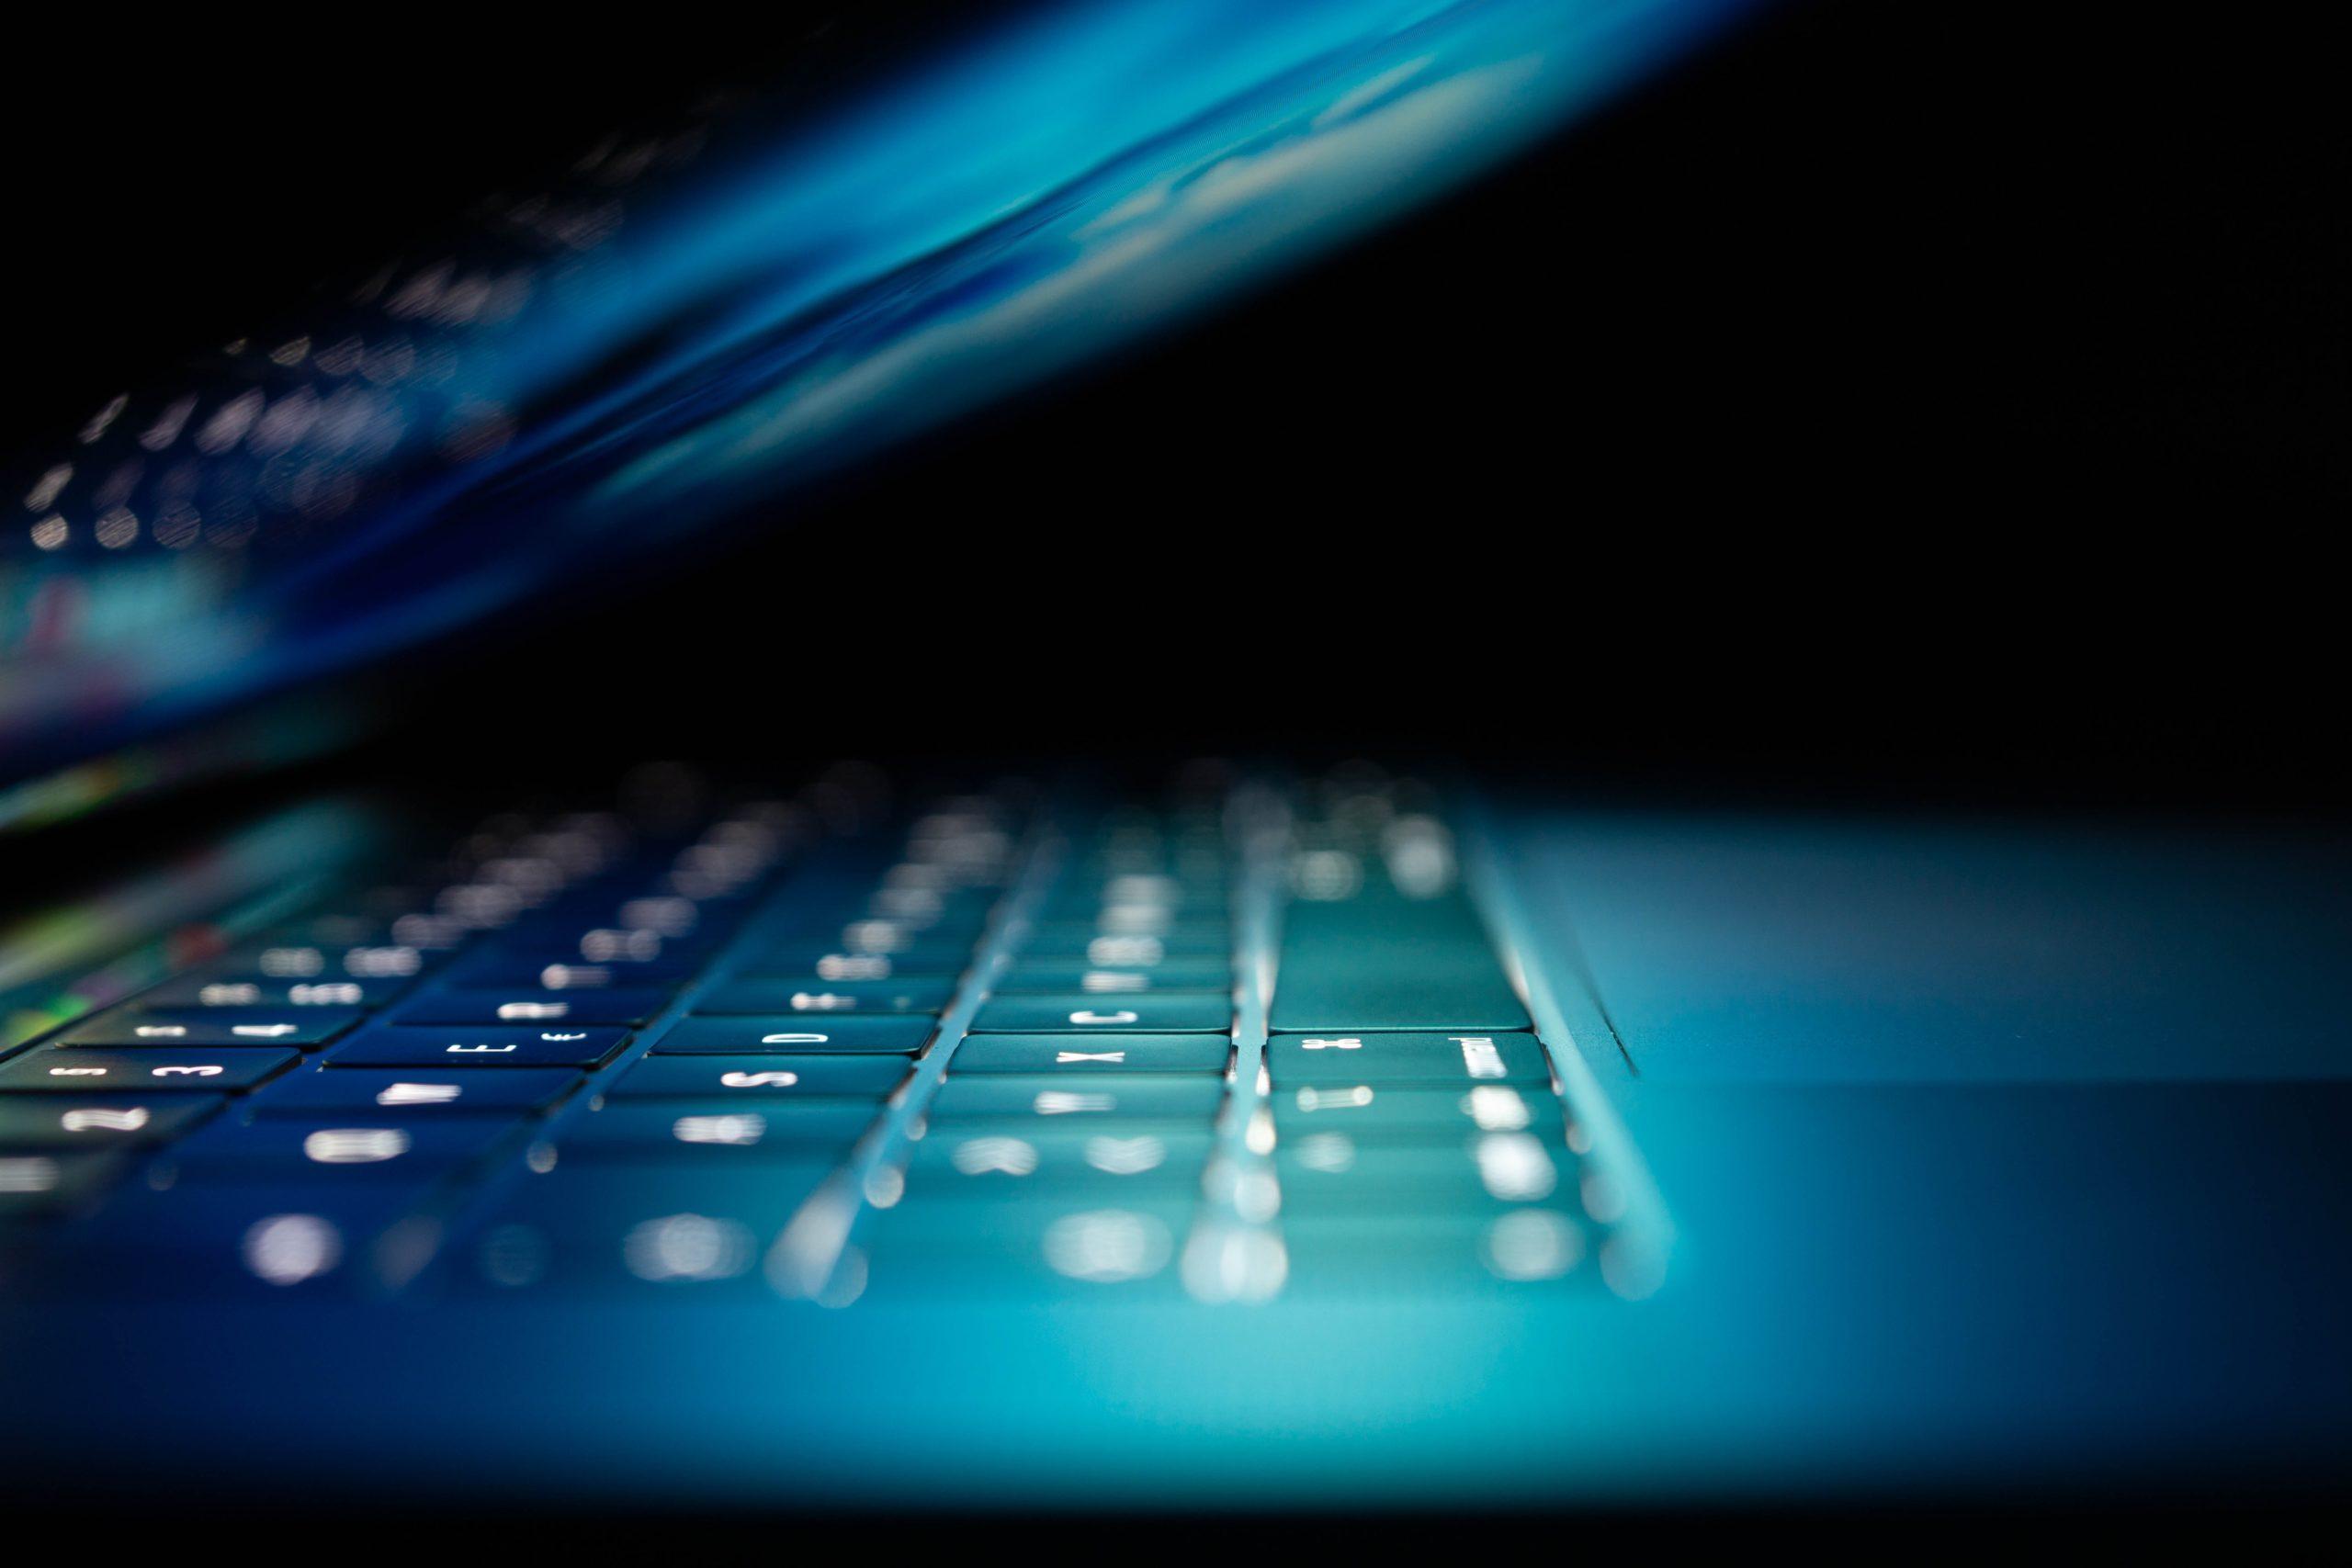 L'authentification via un compte Sage ID devient obligatoire pour l'utilisation des services déclaratifs et bancaires